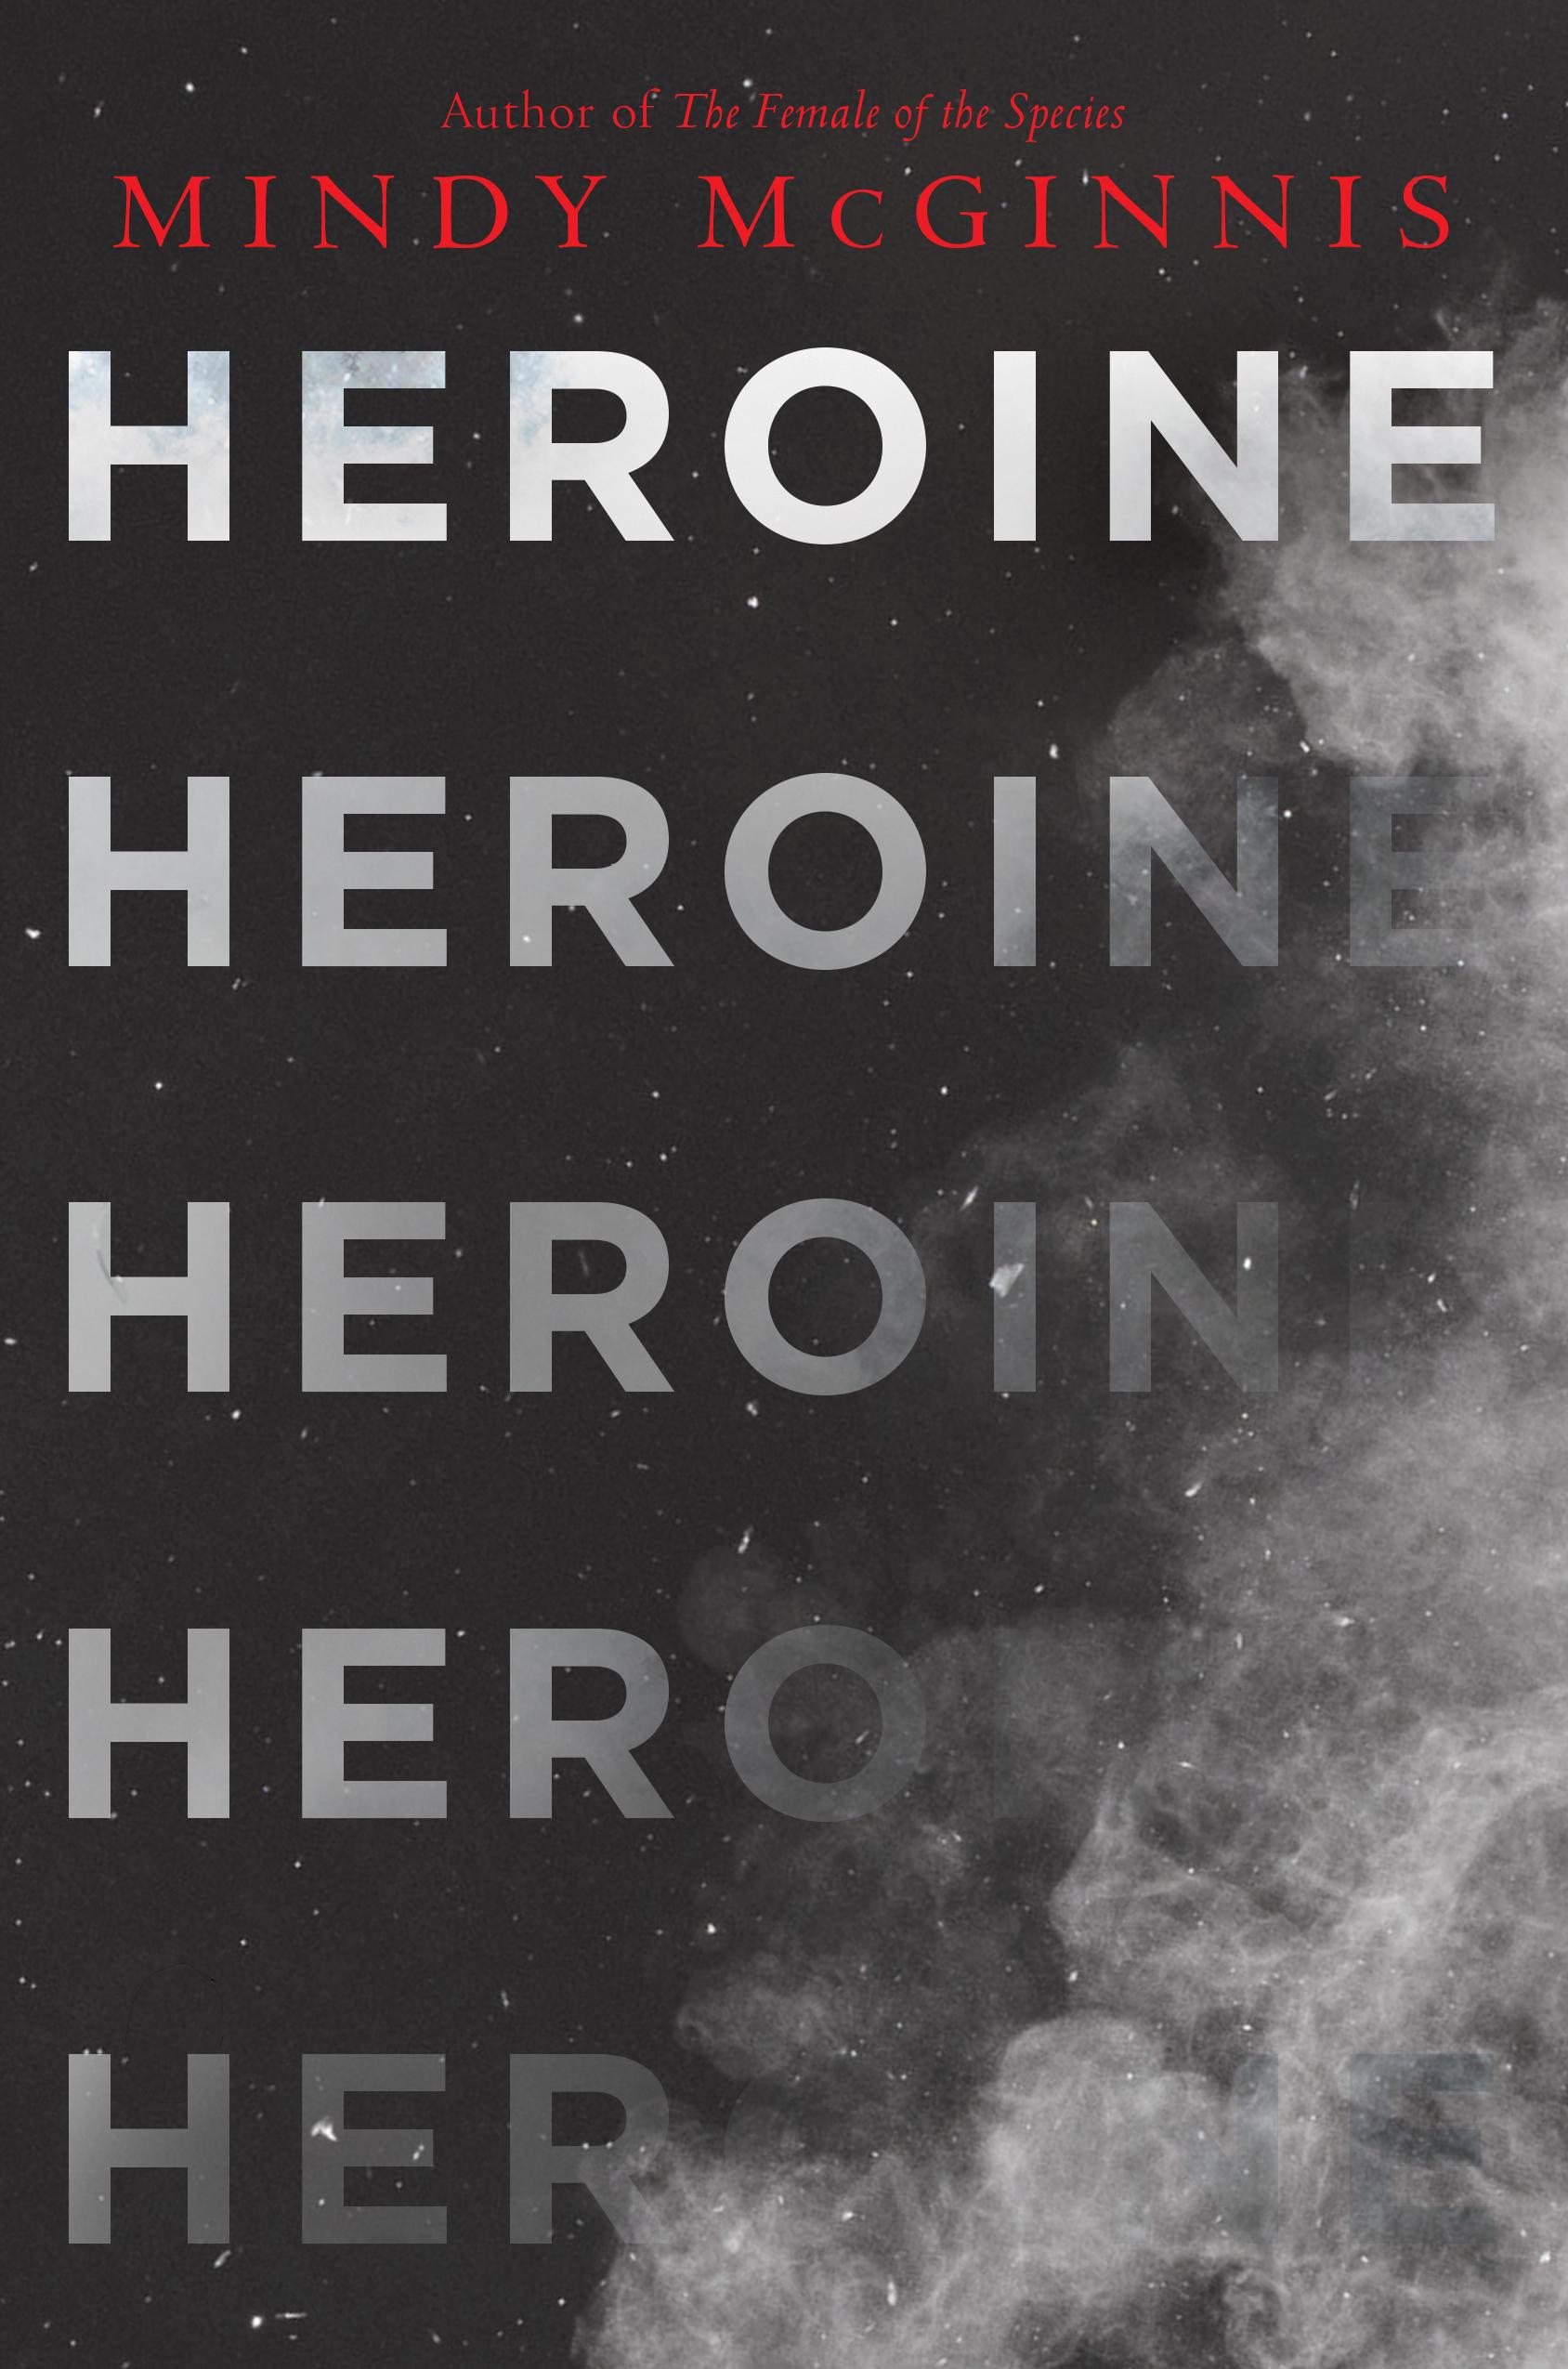 Heroine_cover_0215.jpg